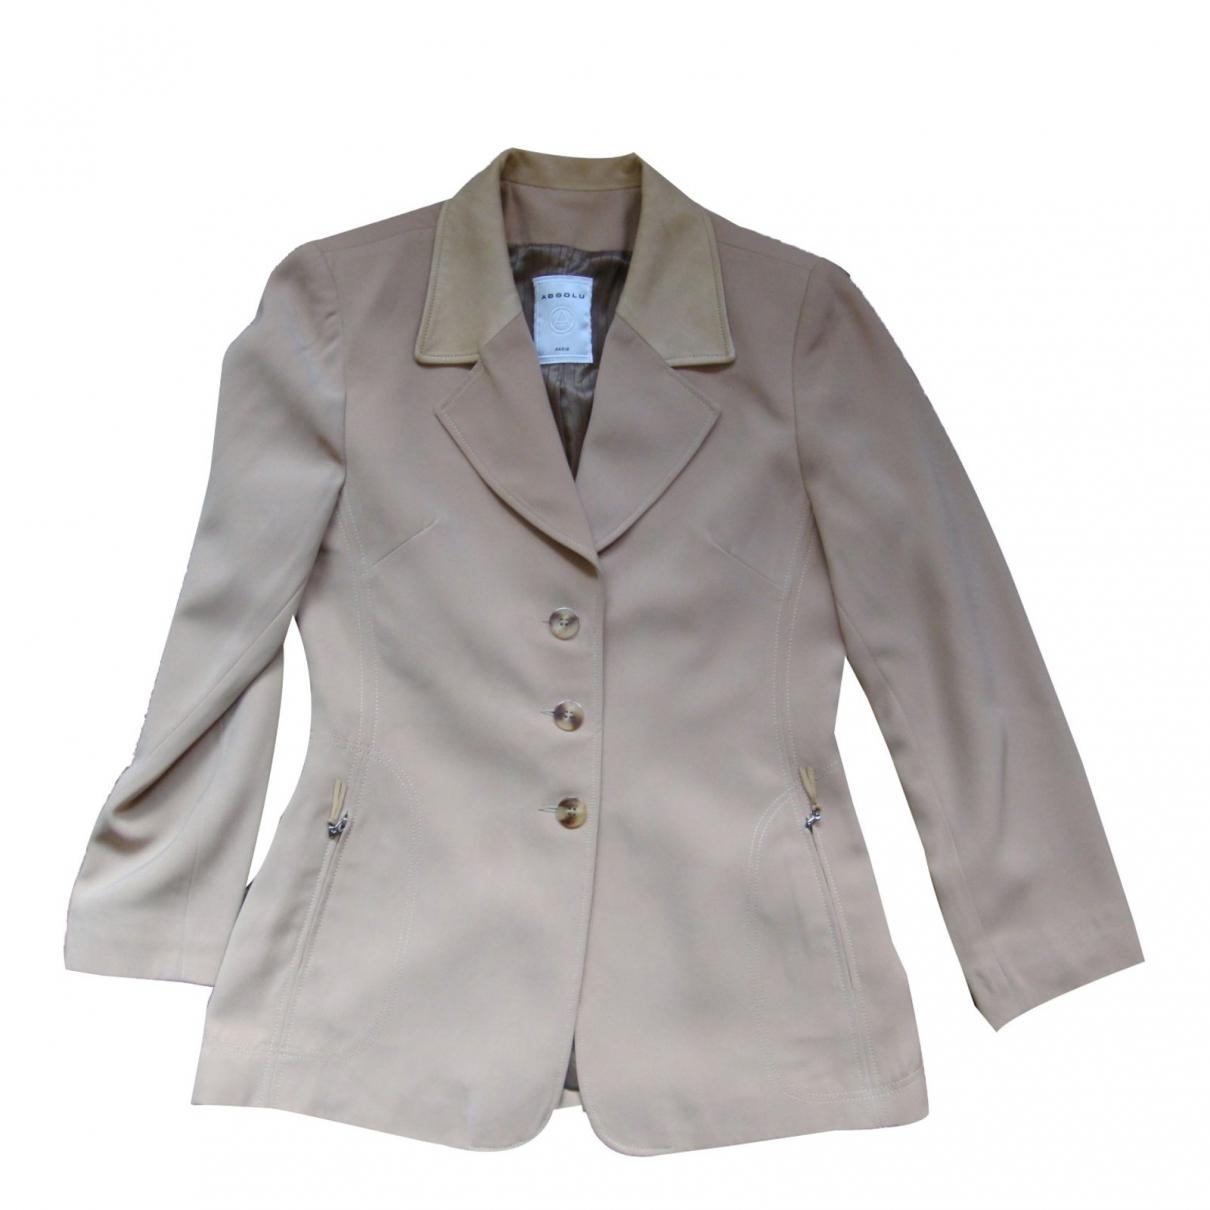 Absolu \N Beige jacket for Women 38 FR